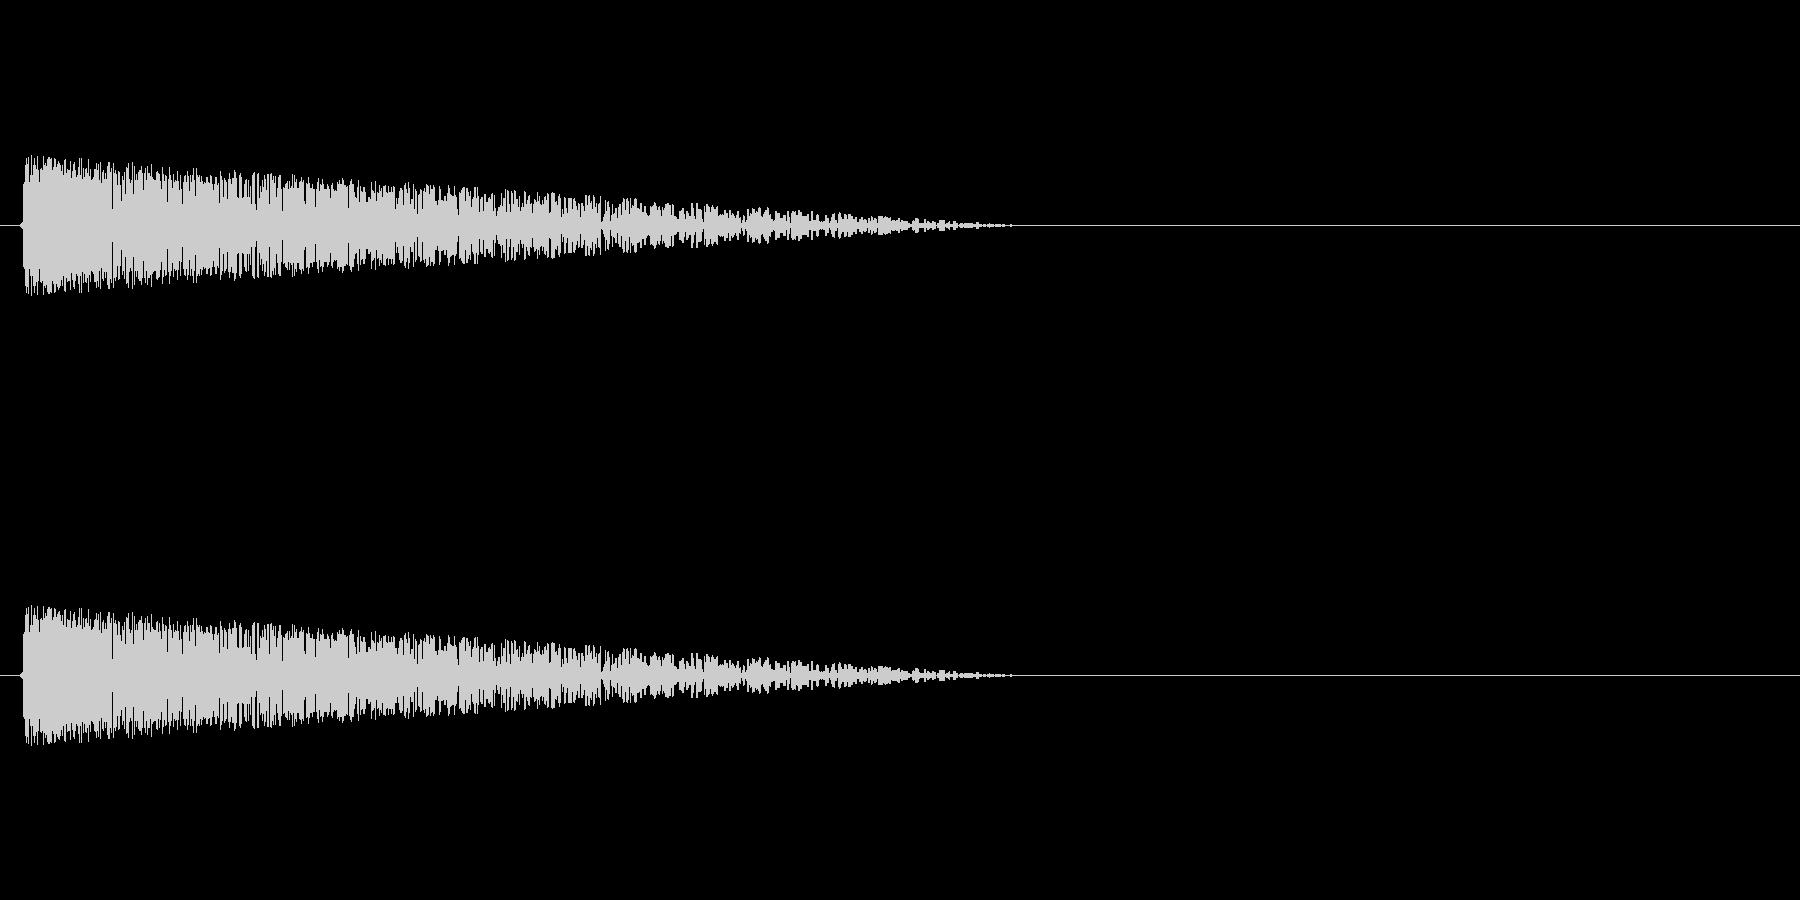 バァ~ン!! ファミコン風爆発音の未再生の波形